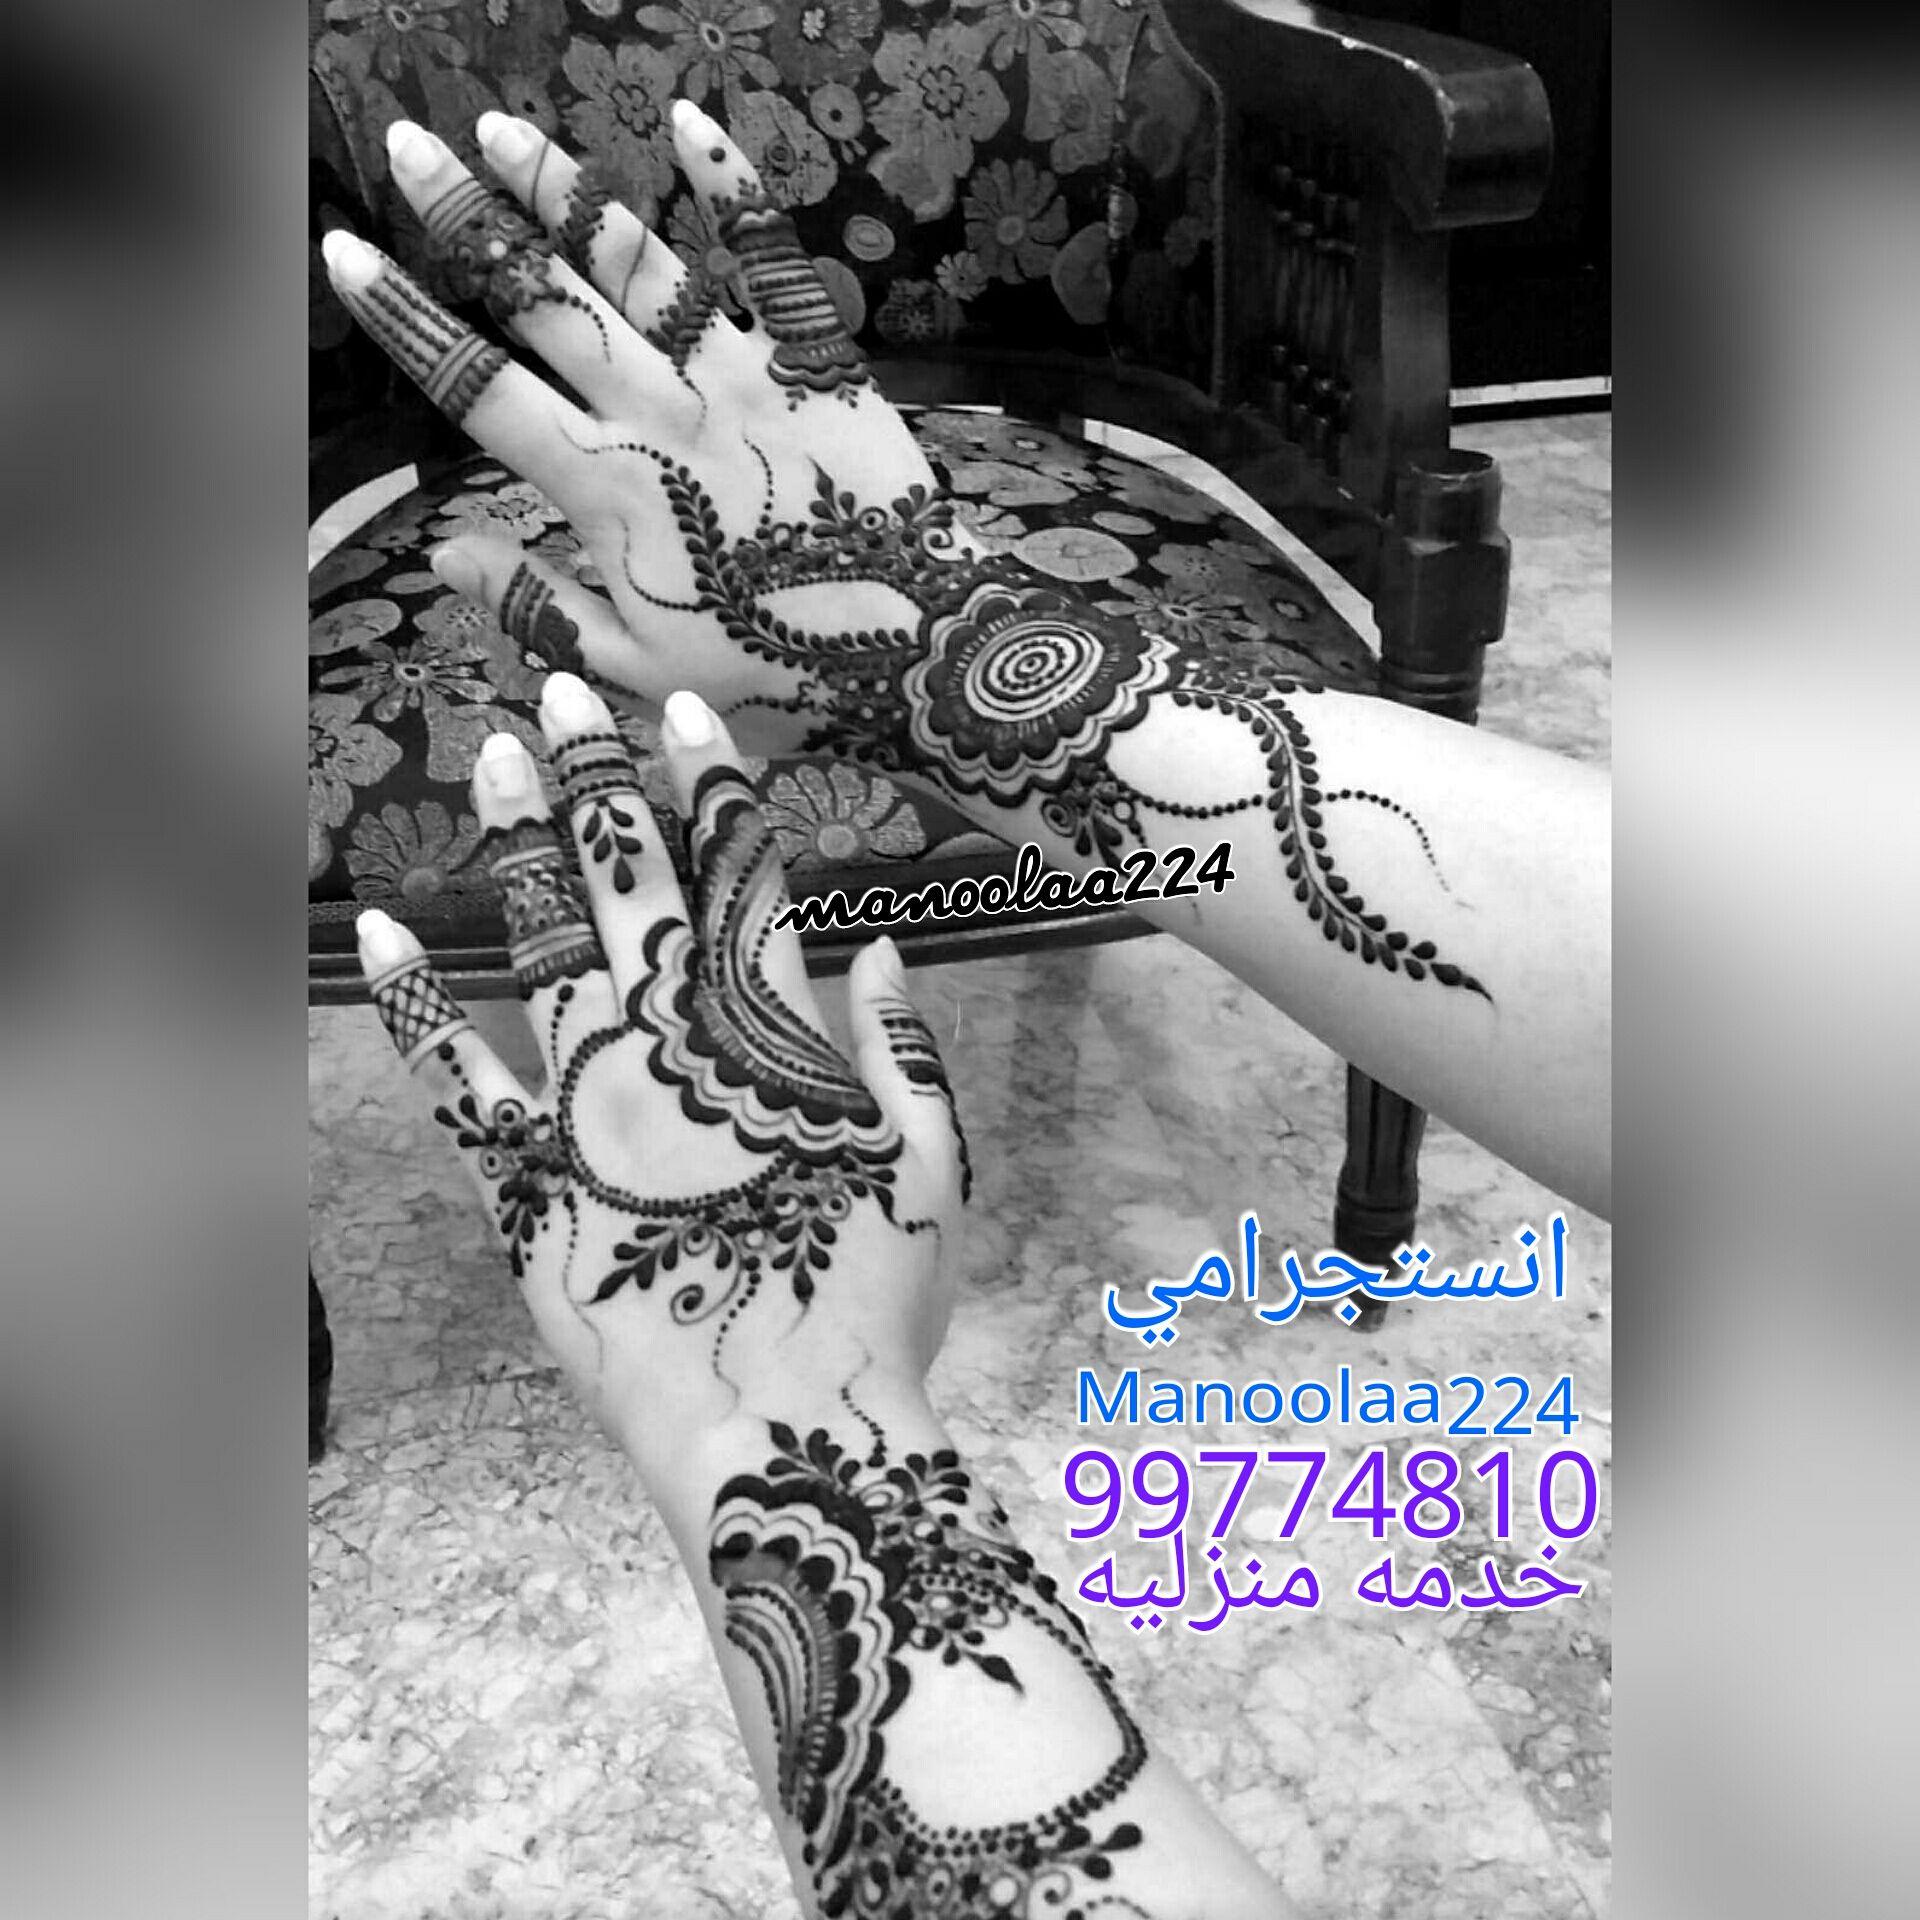 كود الاعلان A930jaj معلومات عن الإعلان نقش حنا منال البلوشي خدمه منزليه اروح بيوت Henna Hand Tattoo Hand Henna Hand Tattoos